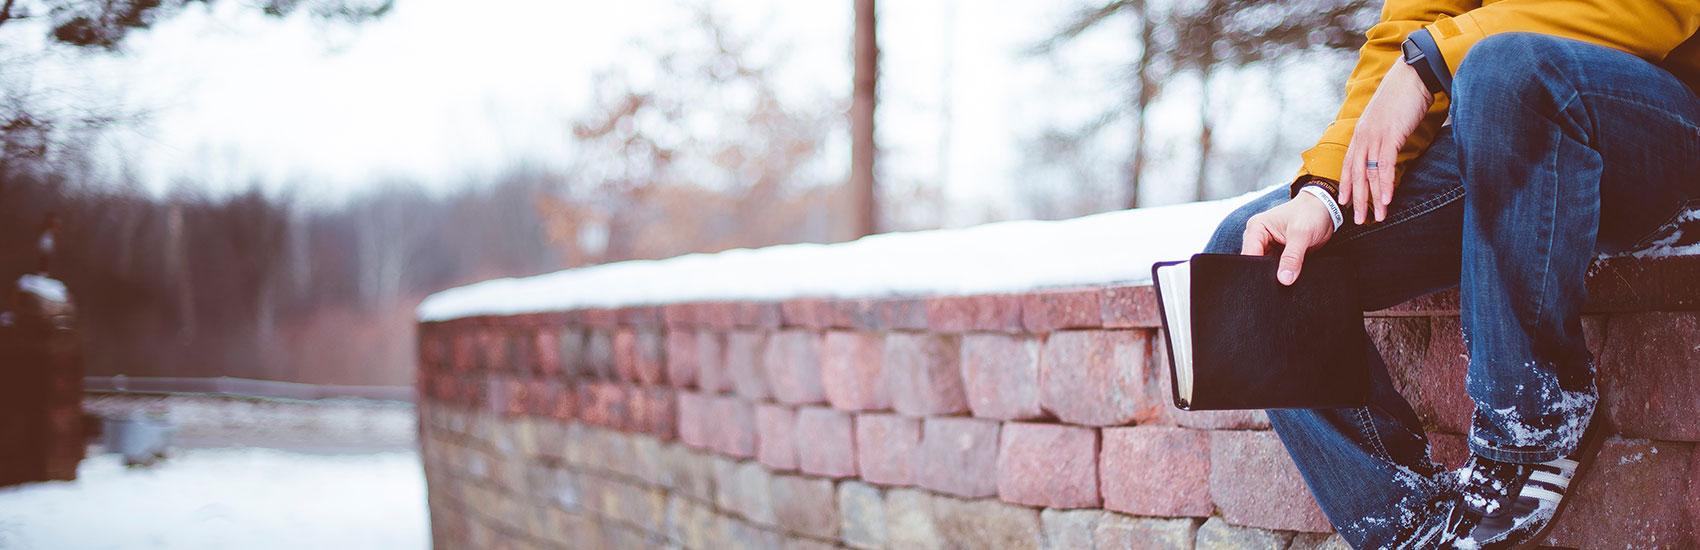 ¿Tú también levantas muros?